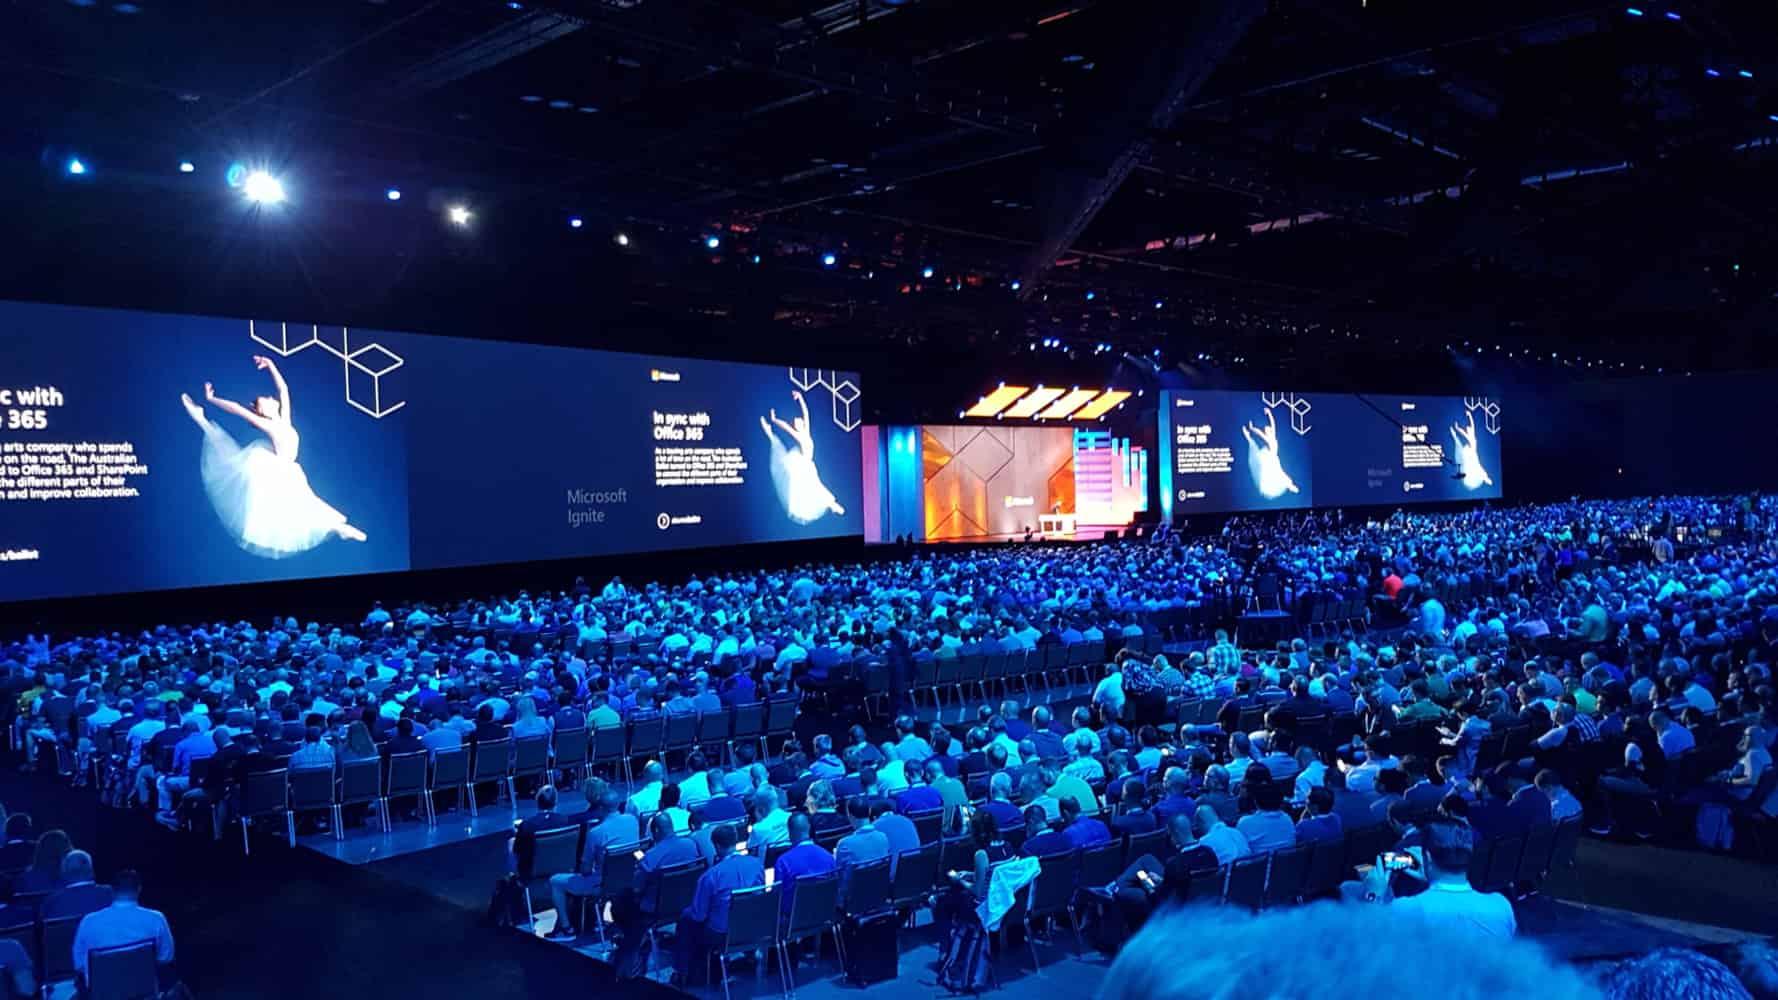 Parhaat kansainväliset teknologiakonferenssit 2020 vuosikymmenellä